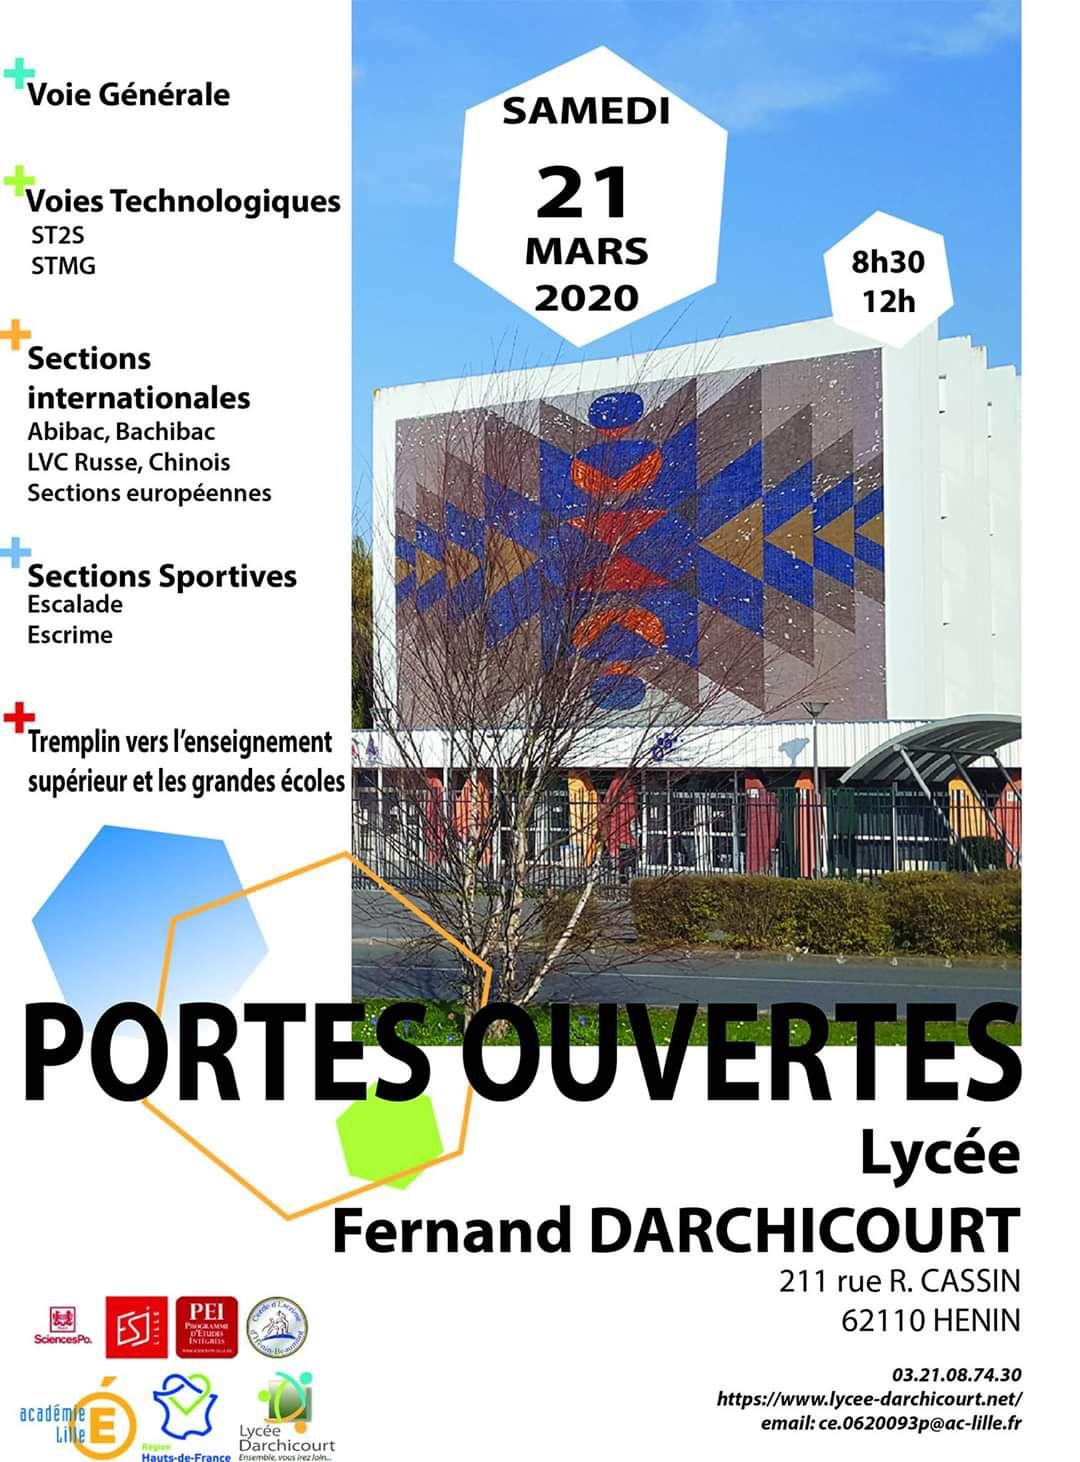 Les portes ouvertes du lycée Darchicourt auront lieu le samedi 21 mars